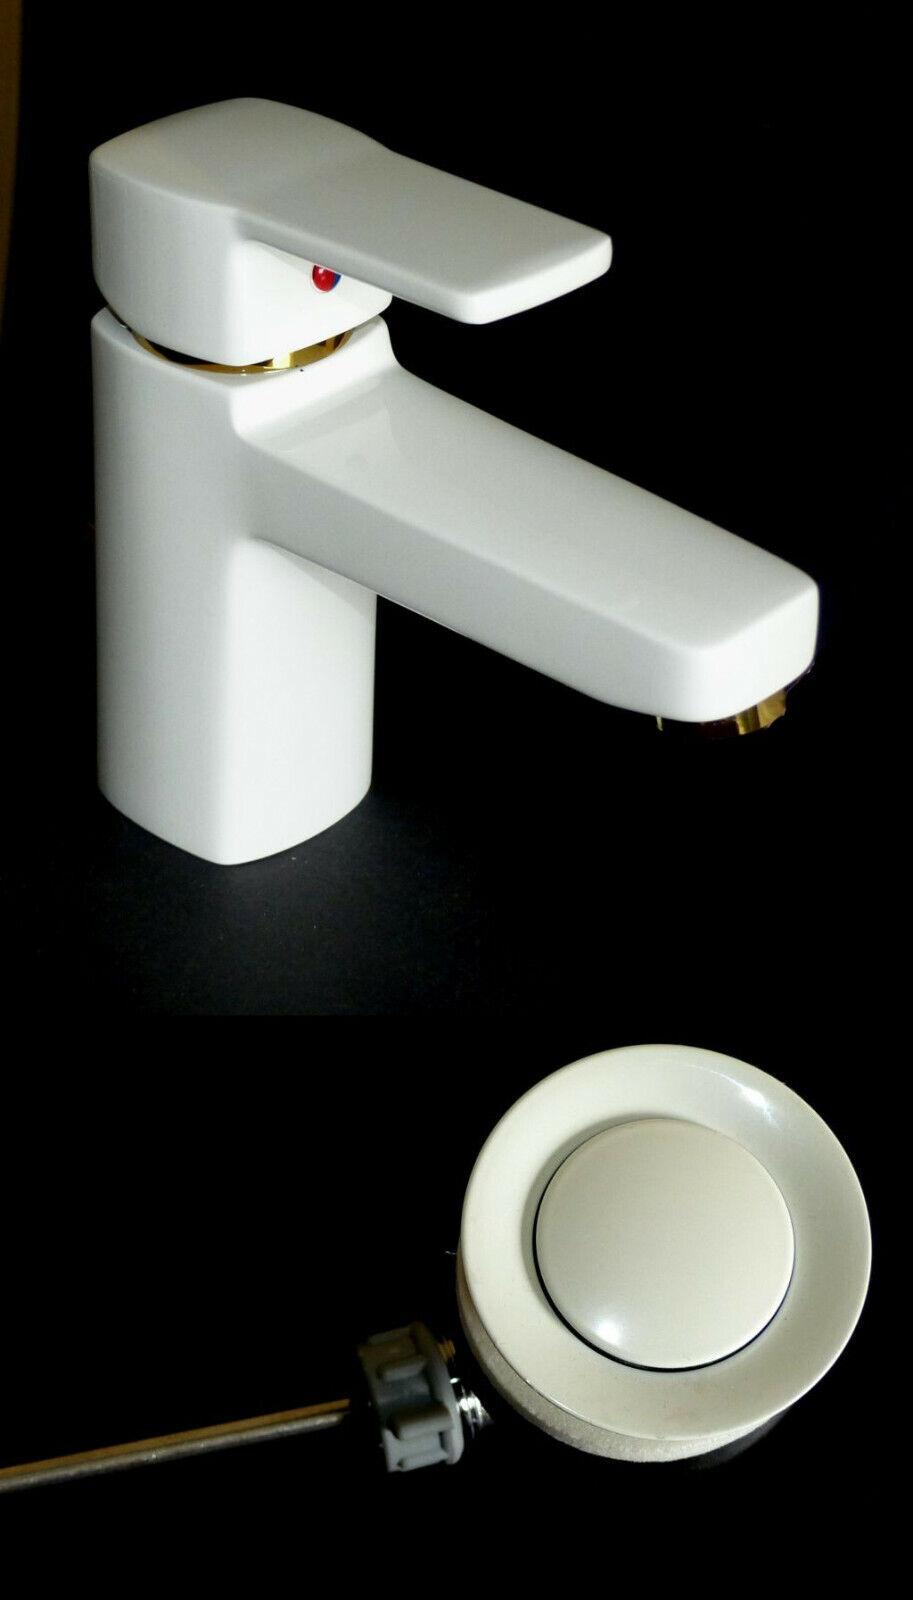 Kludi Grifería Lavabo Lavabo Grifería de Baño Q-Beo blancoo   oro